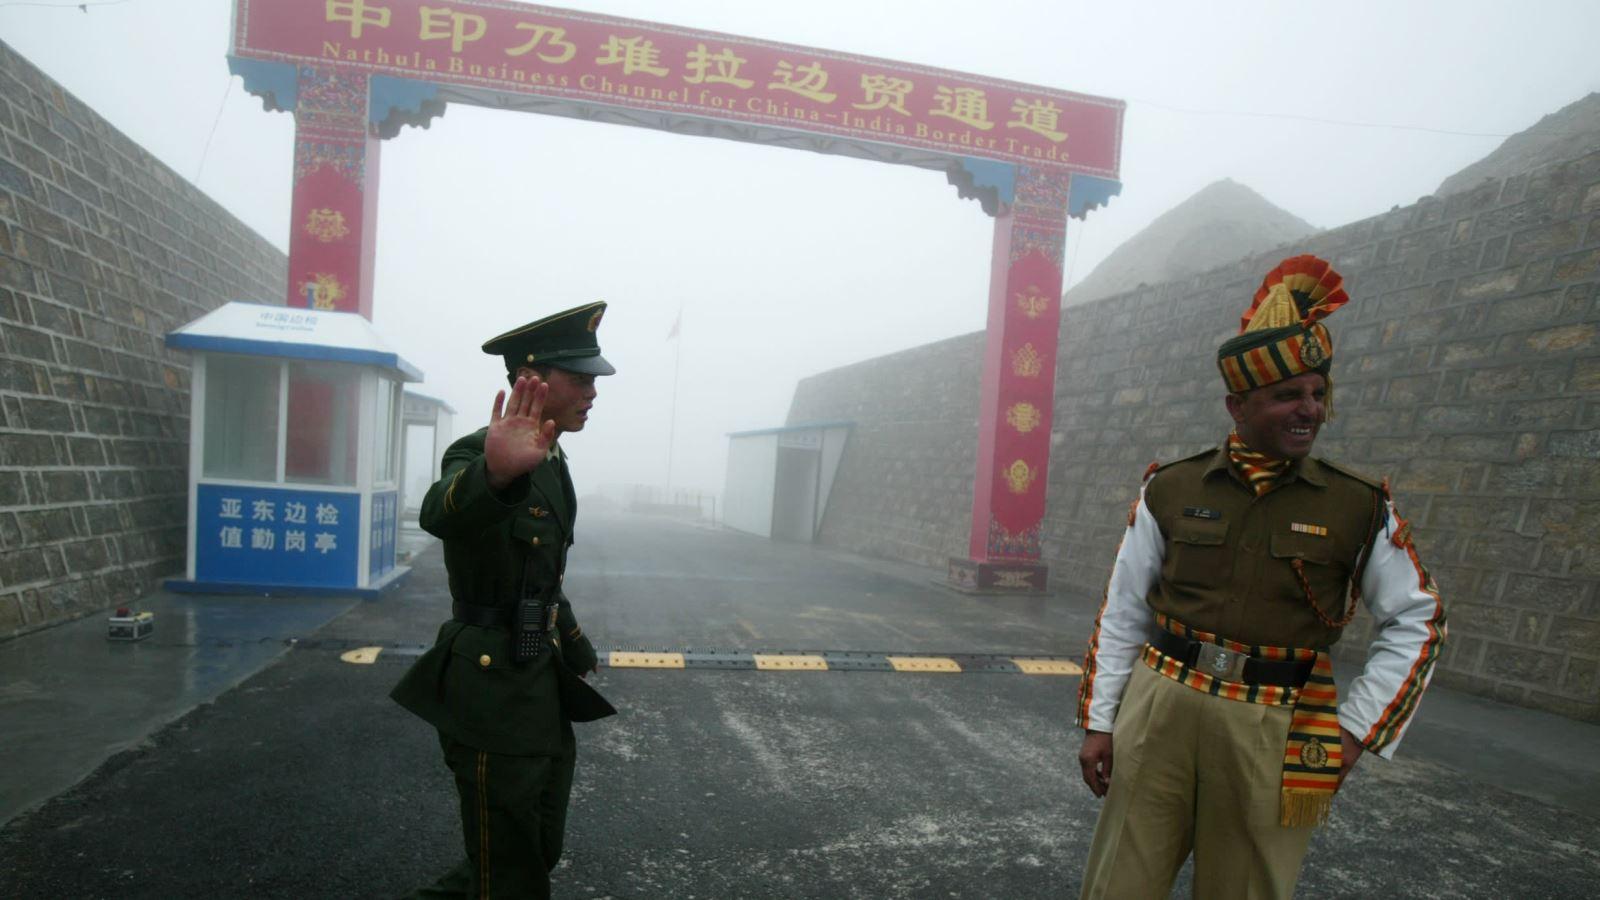 Binh sĩ Trung Quốc đứng gần một người lính Ấn Độ tại cửa khẩu biên giới Nathu La ở Sikkim năm 2008. Ảnh: AFP